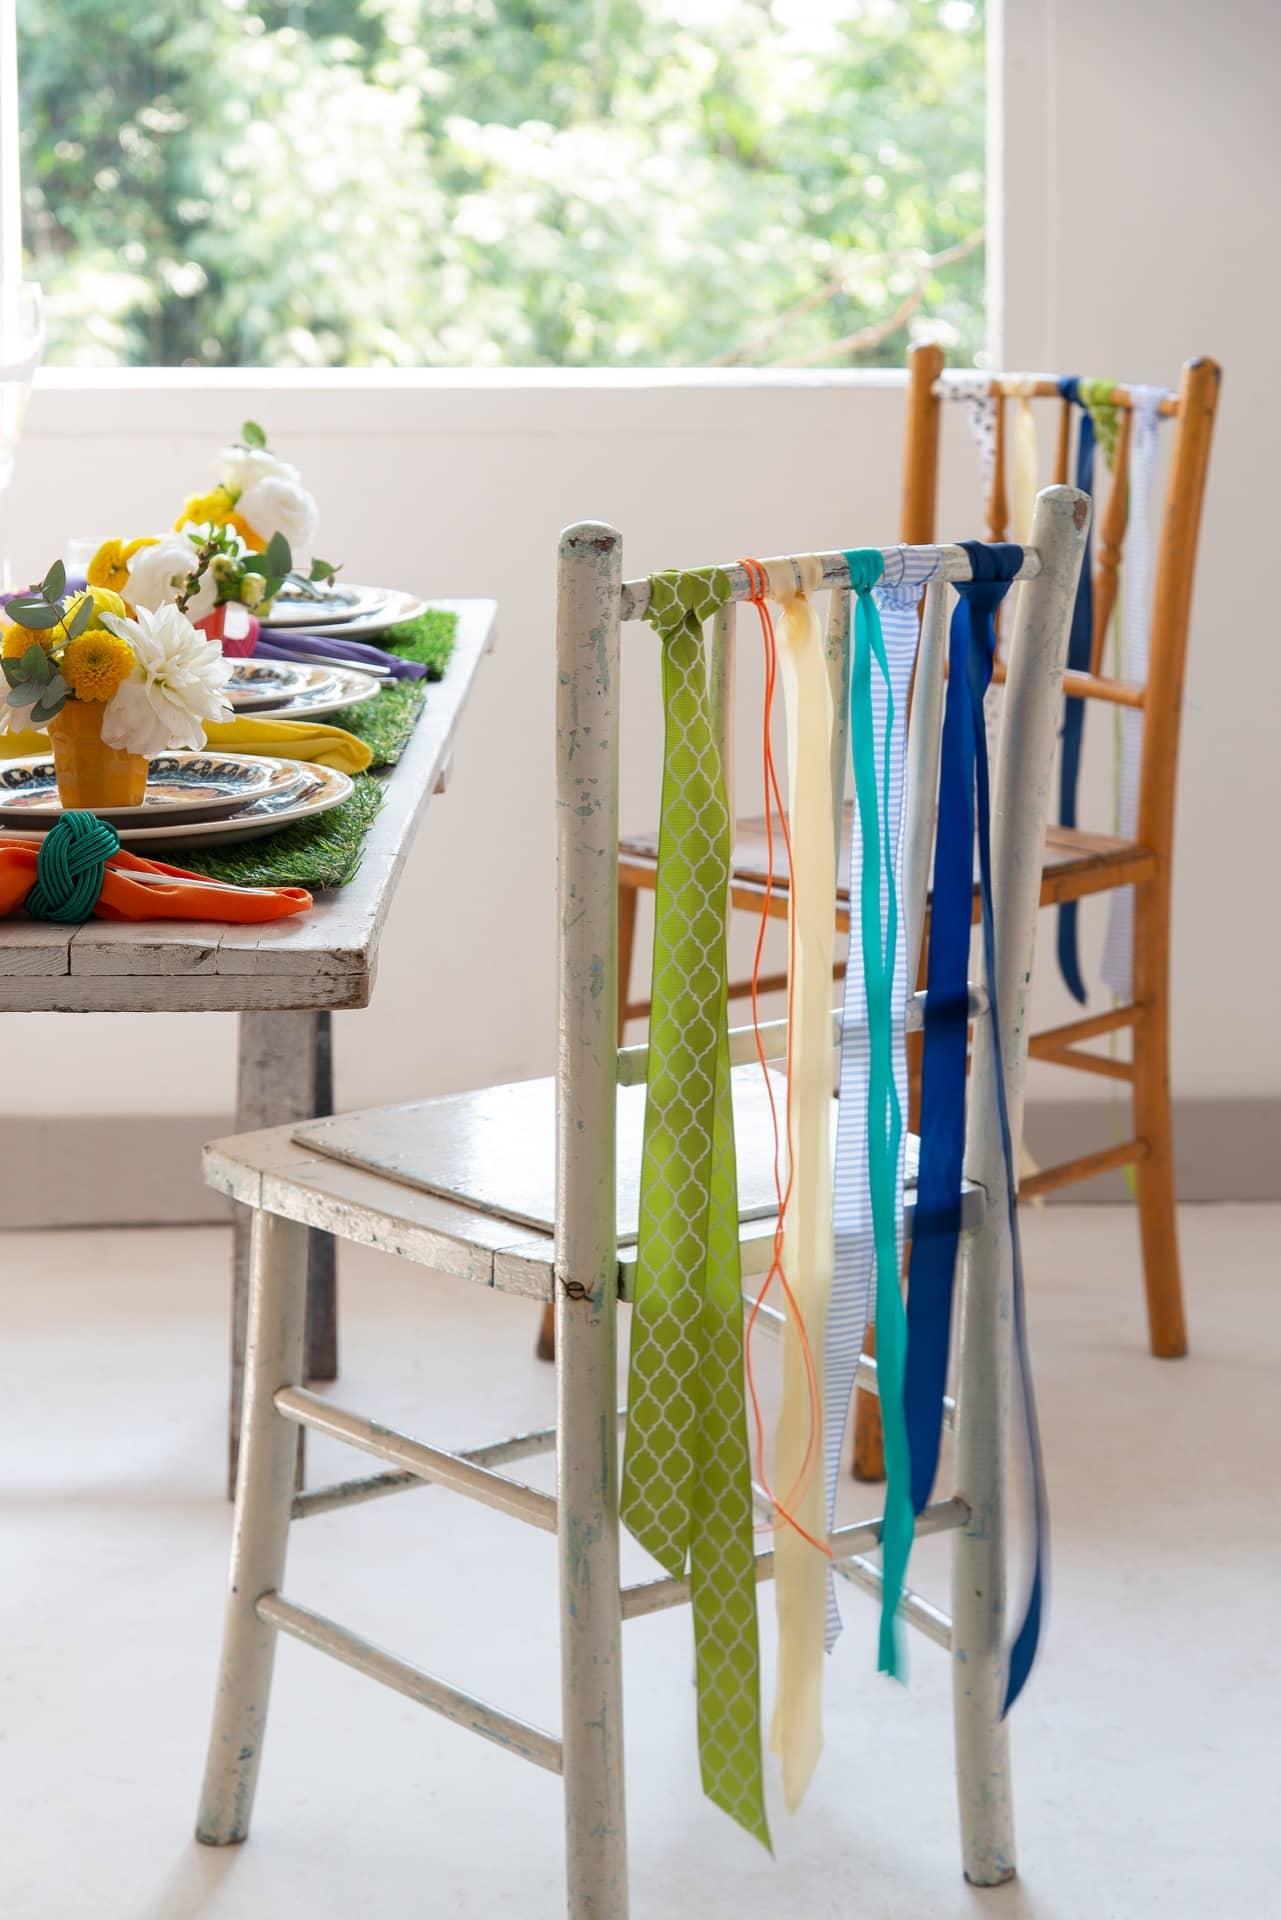 Imagem: As cadeiras também merecem entrar na dança de comemoração da primavera. Amarre fitas coloridas no encosto de cada uma. Foto: Cacá Bratke